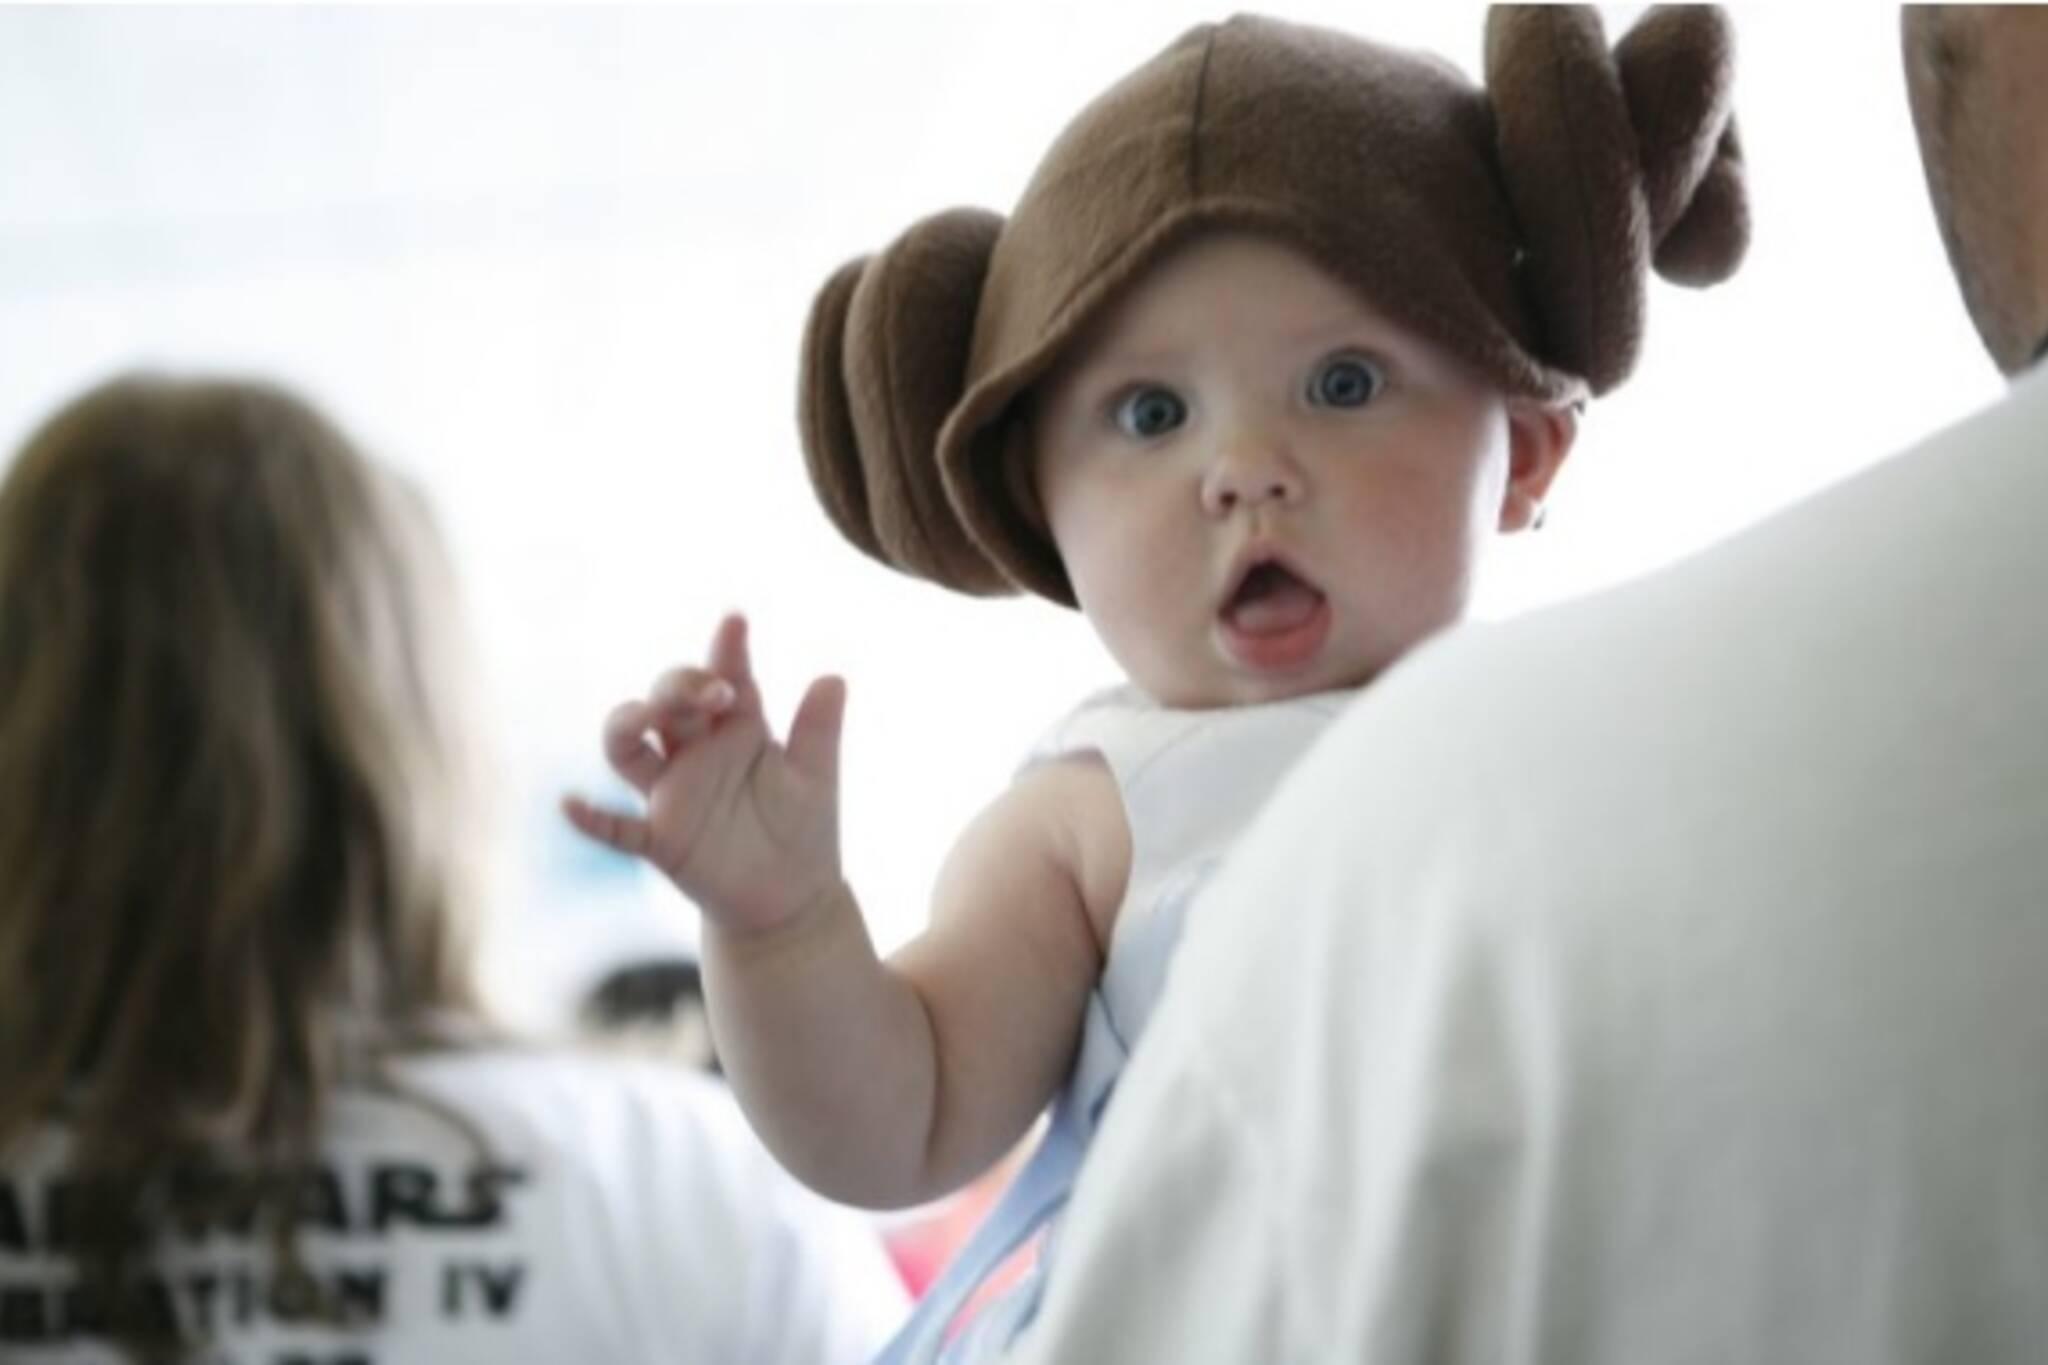 Dress Like Princess Leia, Win Free Movies